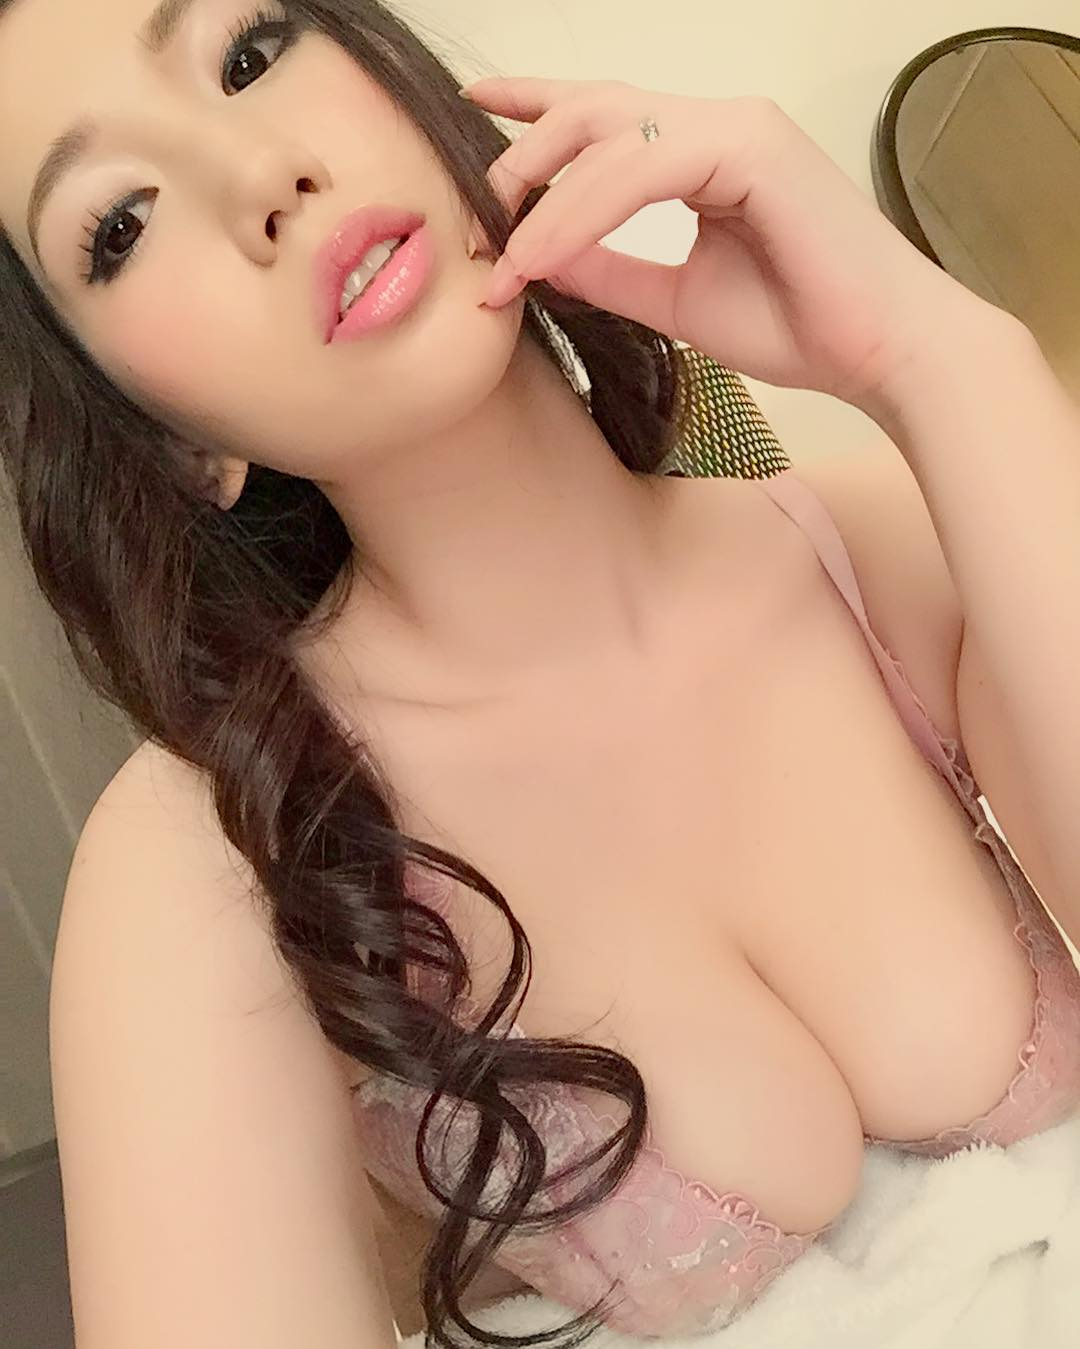 【佐山愛エロ画像】平成生まれHカップ!佐山愛の凄すぎる豊満ボディ(;゚Д゚)